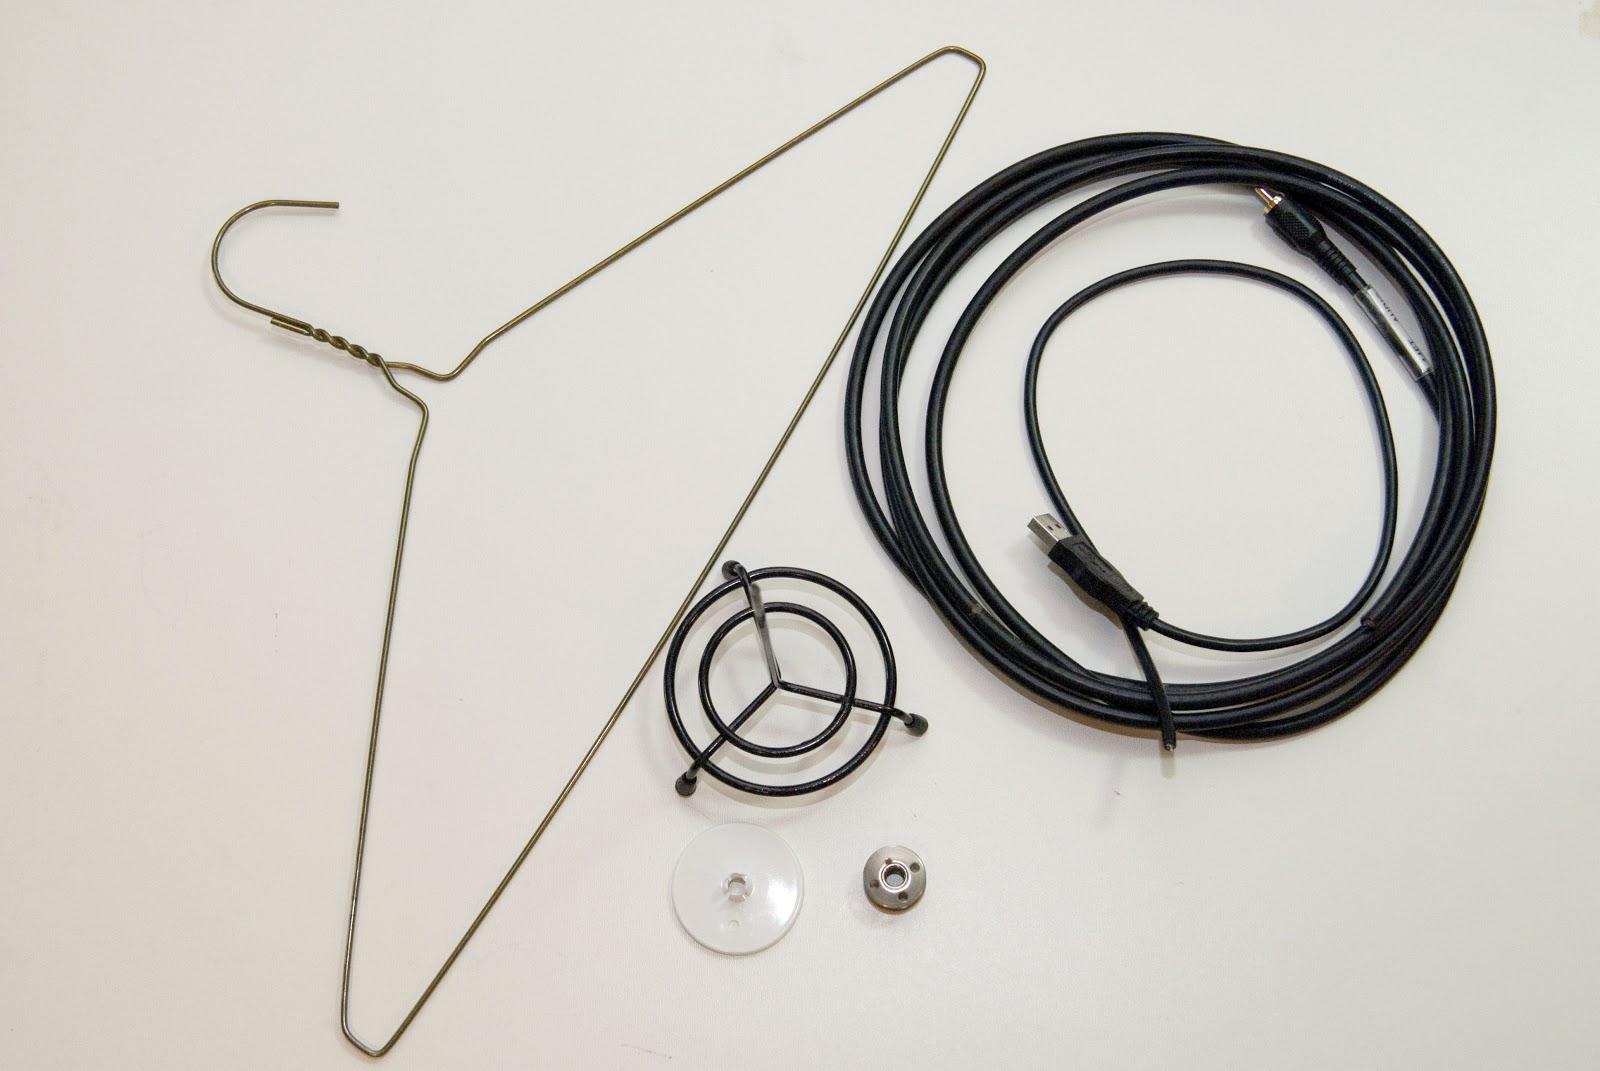 Banato diy how to make a thread stand - Como hacer un cono ...